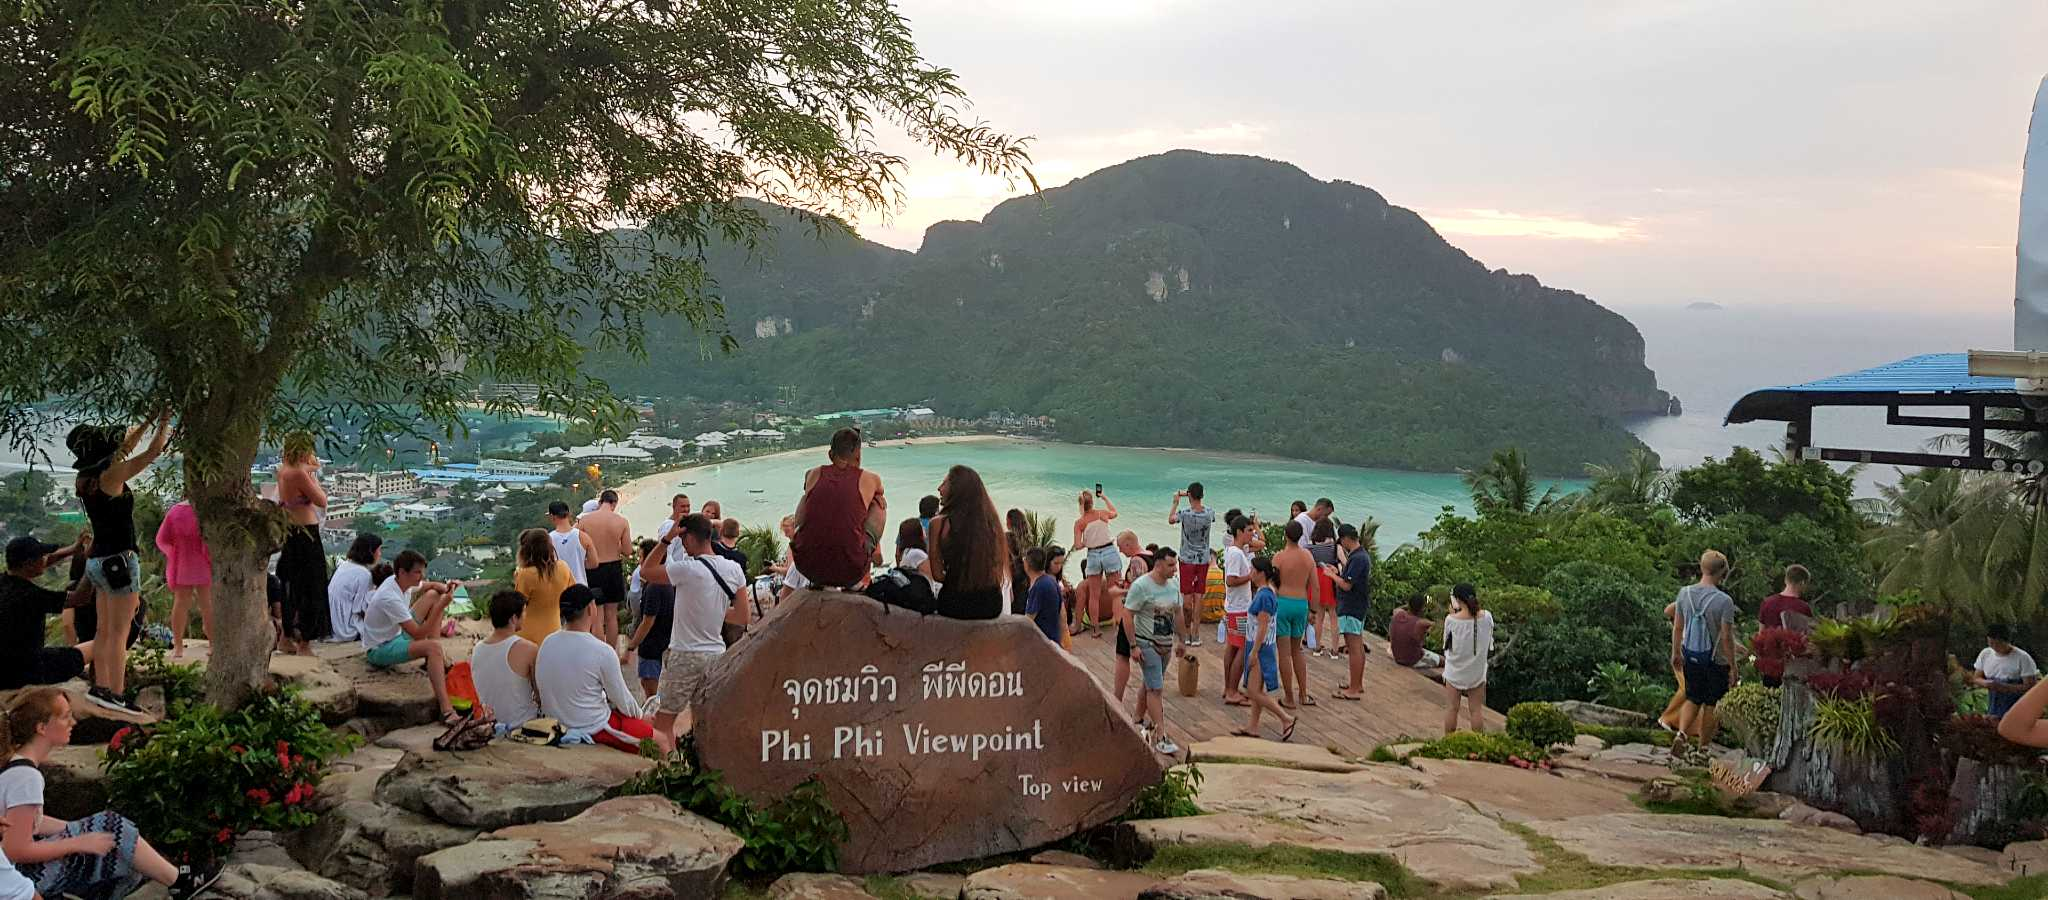 Viewpoint Koh Phi Phi, uitzicht op de 2 baaien